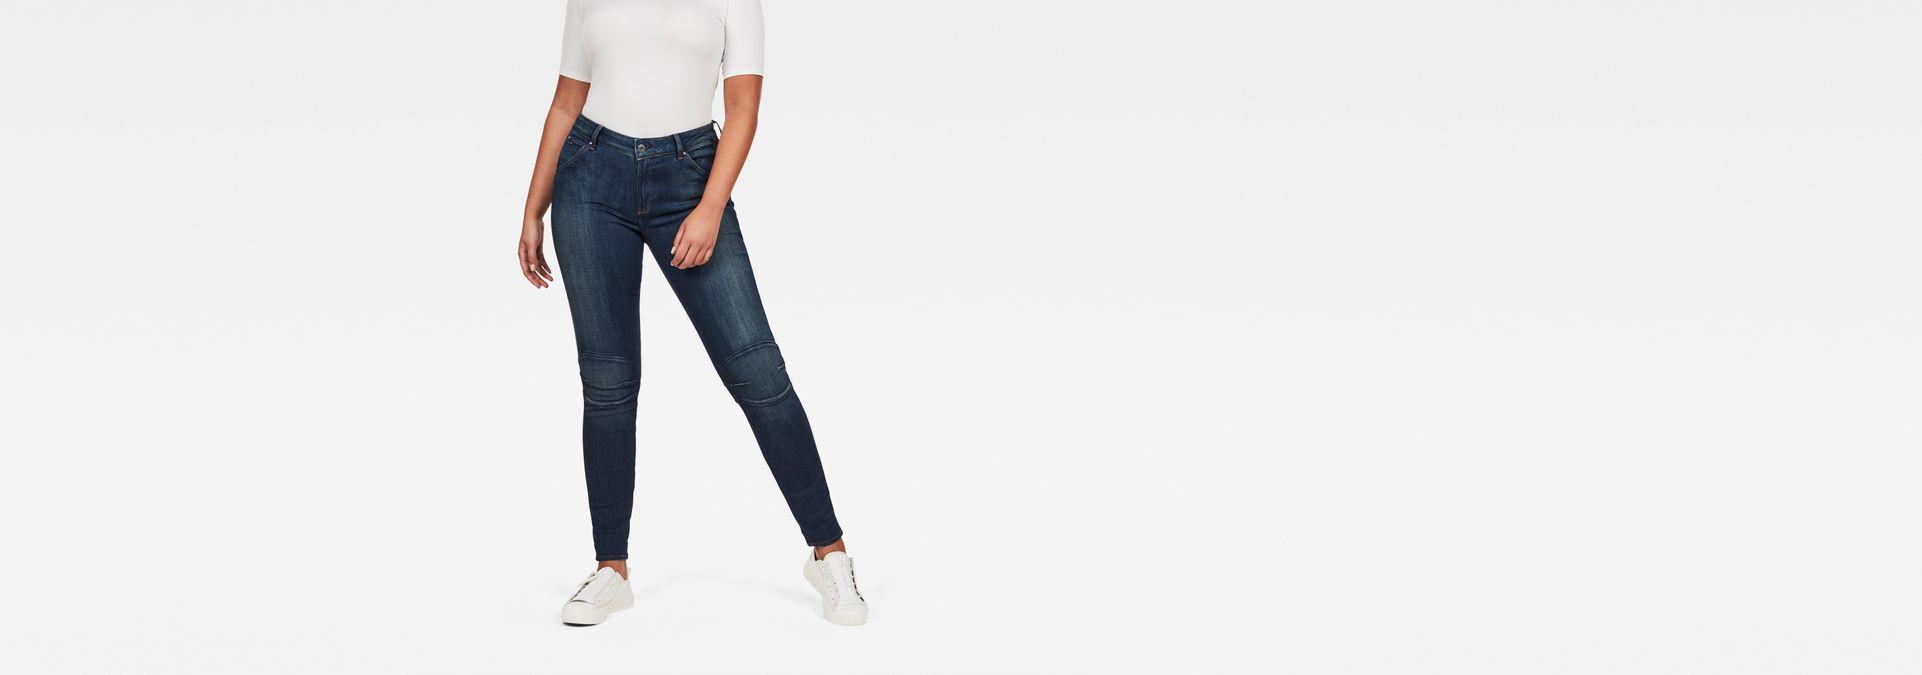 Skinny G High Waist Star Super JeansRaw® Shape 5622 bfY7v6gy